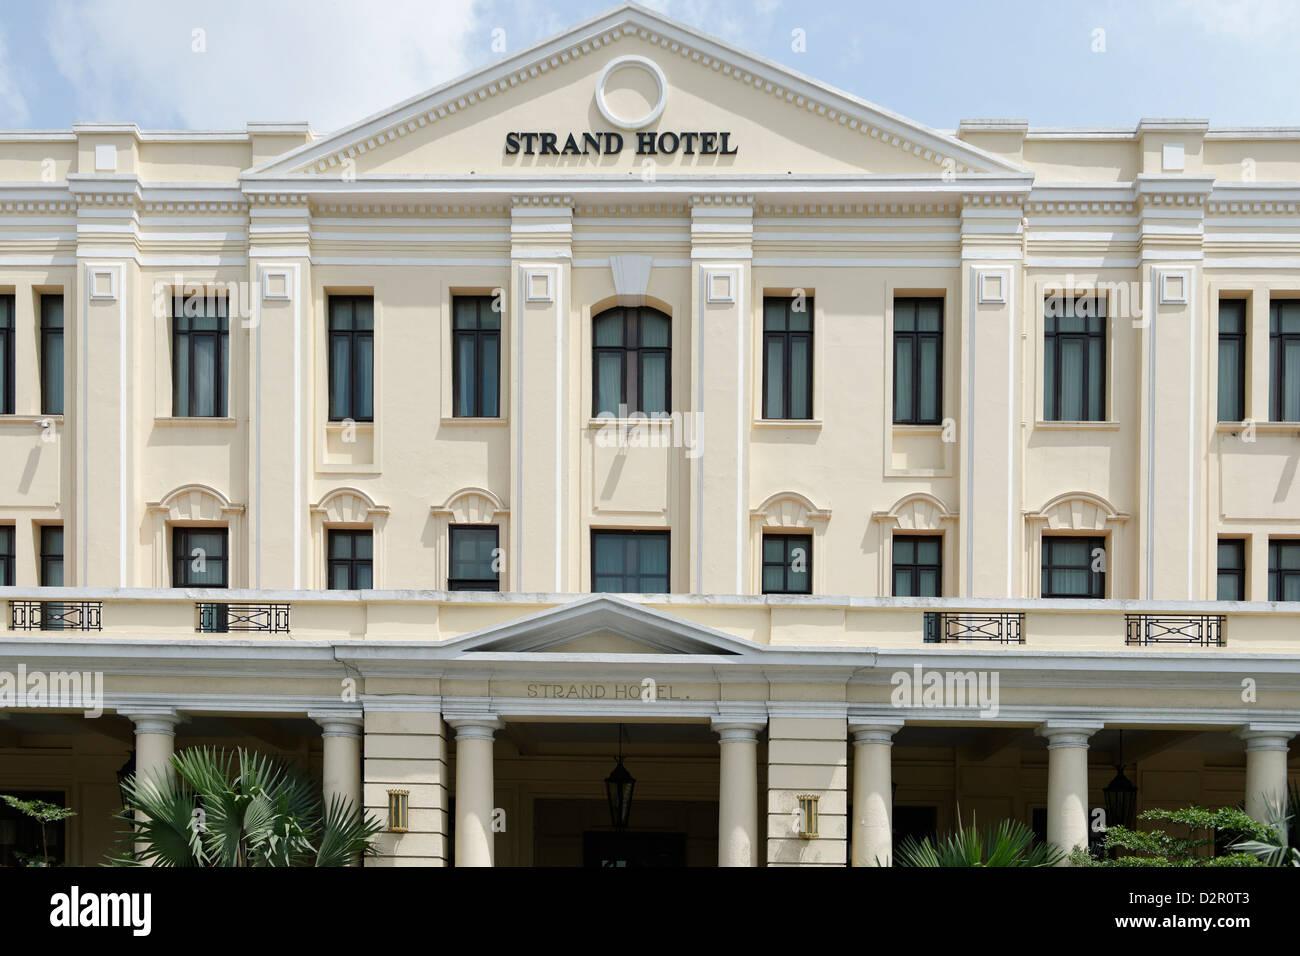 Strand Hotel, einer viktorianischen Stil im Jahr 1896 erbaut, Yangon (Rangoon), Region Yangon, Myanmar Stockbild